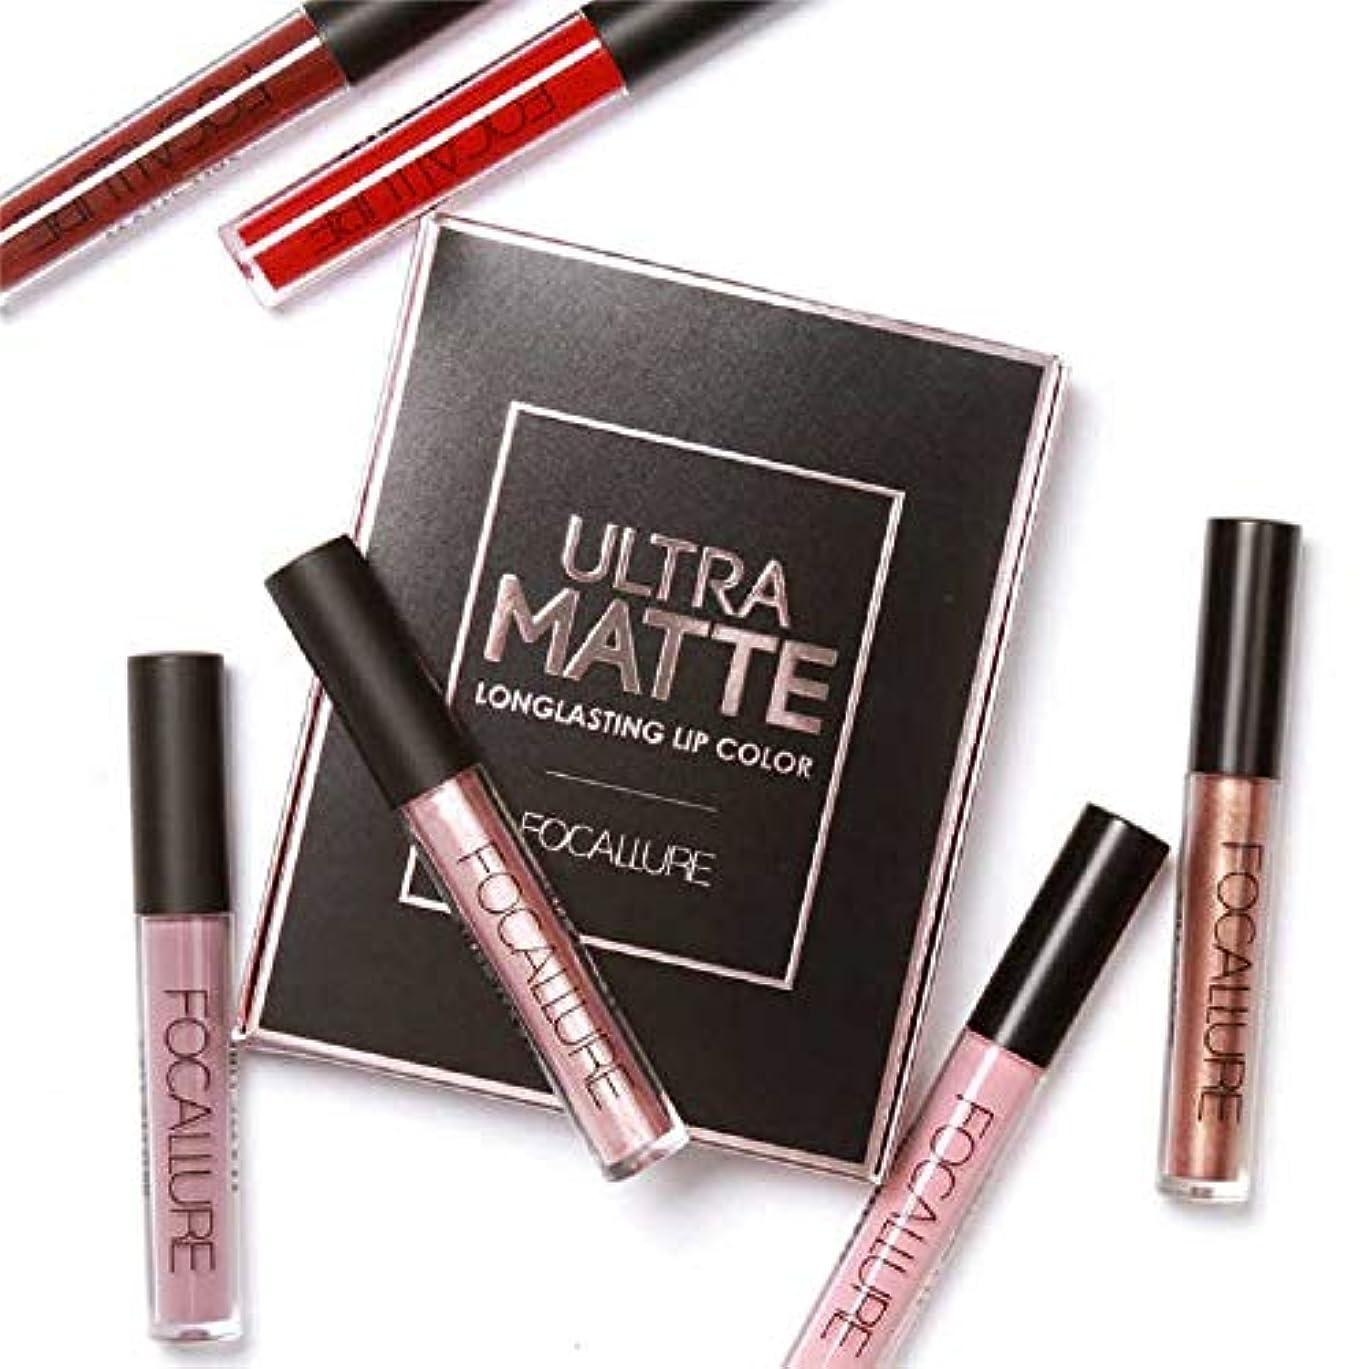 範囲抑制する支払い3Pcs/Set Long-lasting Lip Colors Makeup Waterproof Tint Lip Gloss Red Velvet Ultra Nude Matte Lipstick Set リップカラーメーキャップ...